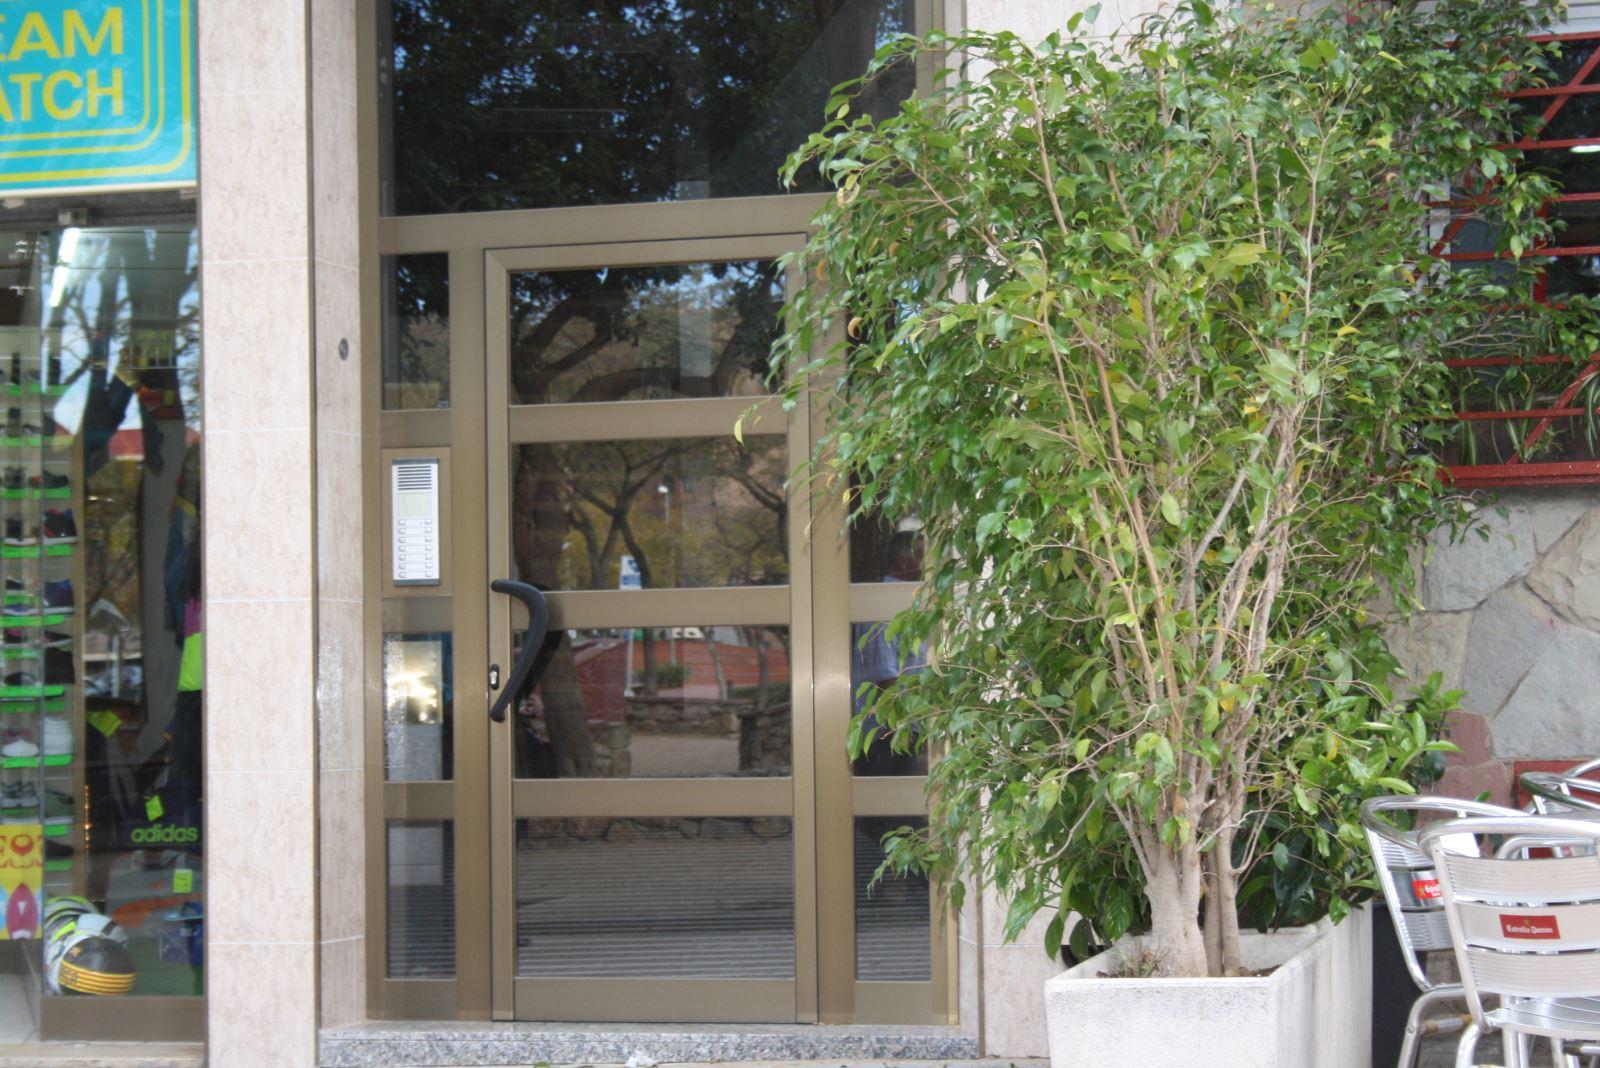 Puerta de entrada de aluminio color bronce reforzada con travesaños de aluminio. Vidrio laminar de seguridad que en caso de fracturarse no corta.